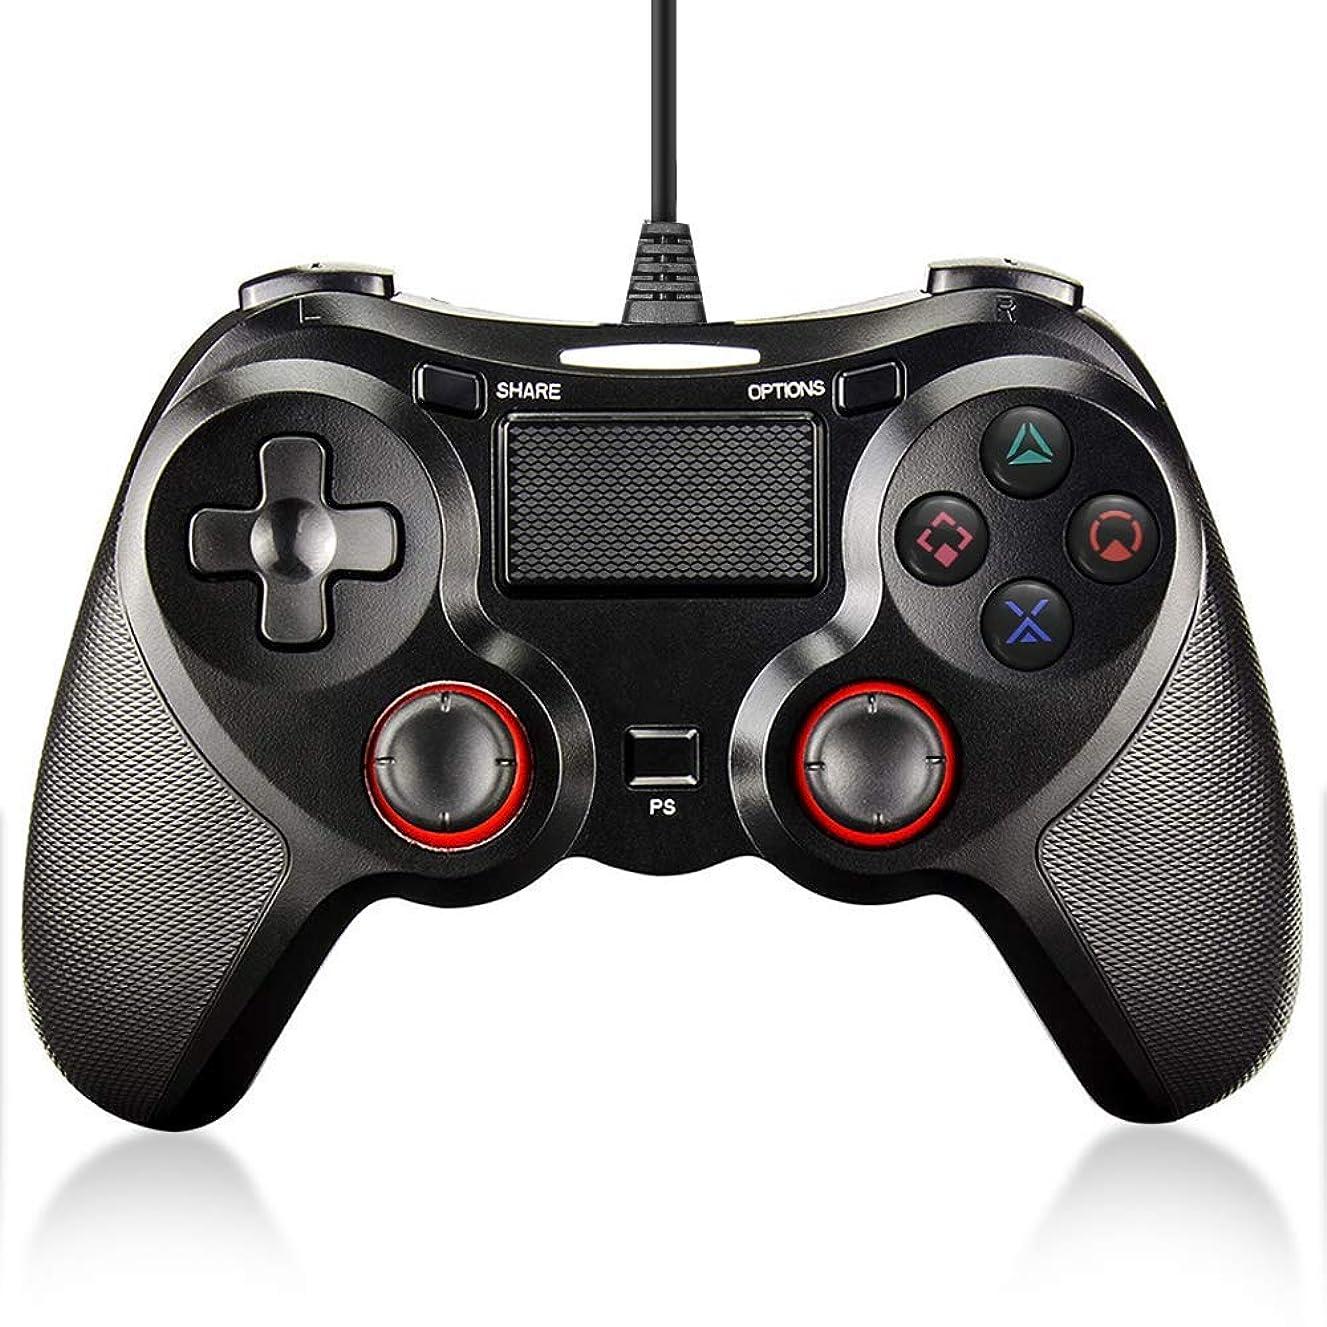 ペインティング飛ぶ委任するFONLAM PS4 PS3 コントローラー DUALSHOCK 4 有線コントローラー 2重振動機能搭載 PlayStation 4 ゲームパッド マット質感 PS4/PS3/PS4 Slim/PS4 Pro/PC 360 Windows 7/8/10 対応 RGBライトバー 砂のような感触 PS4ジョイスティックデュアル バイブレーションモーター ゲームコントローラー 安定性抜群 使用簡単 2m USBケーブル付き